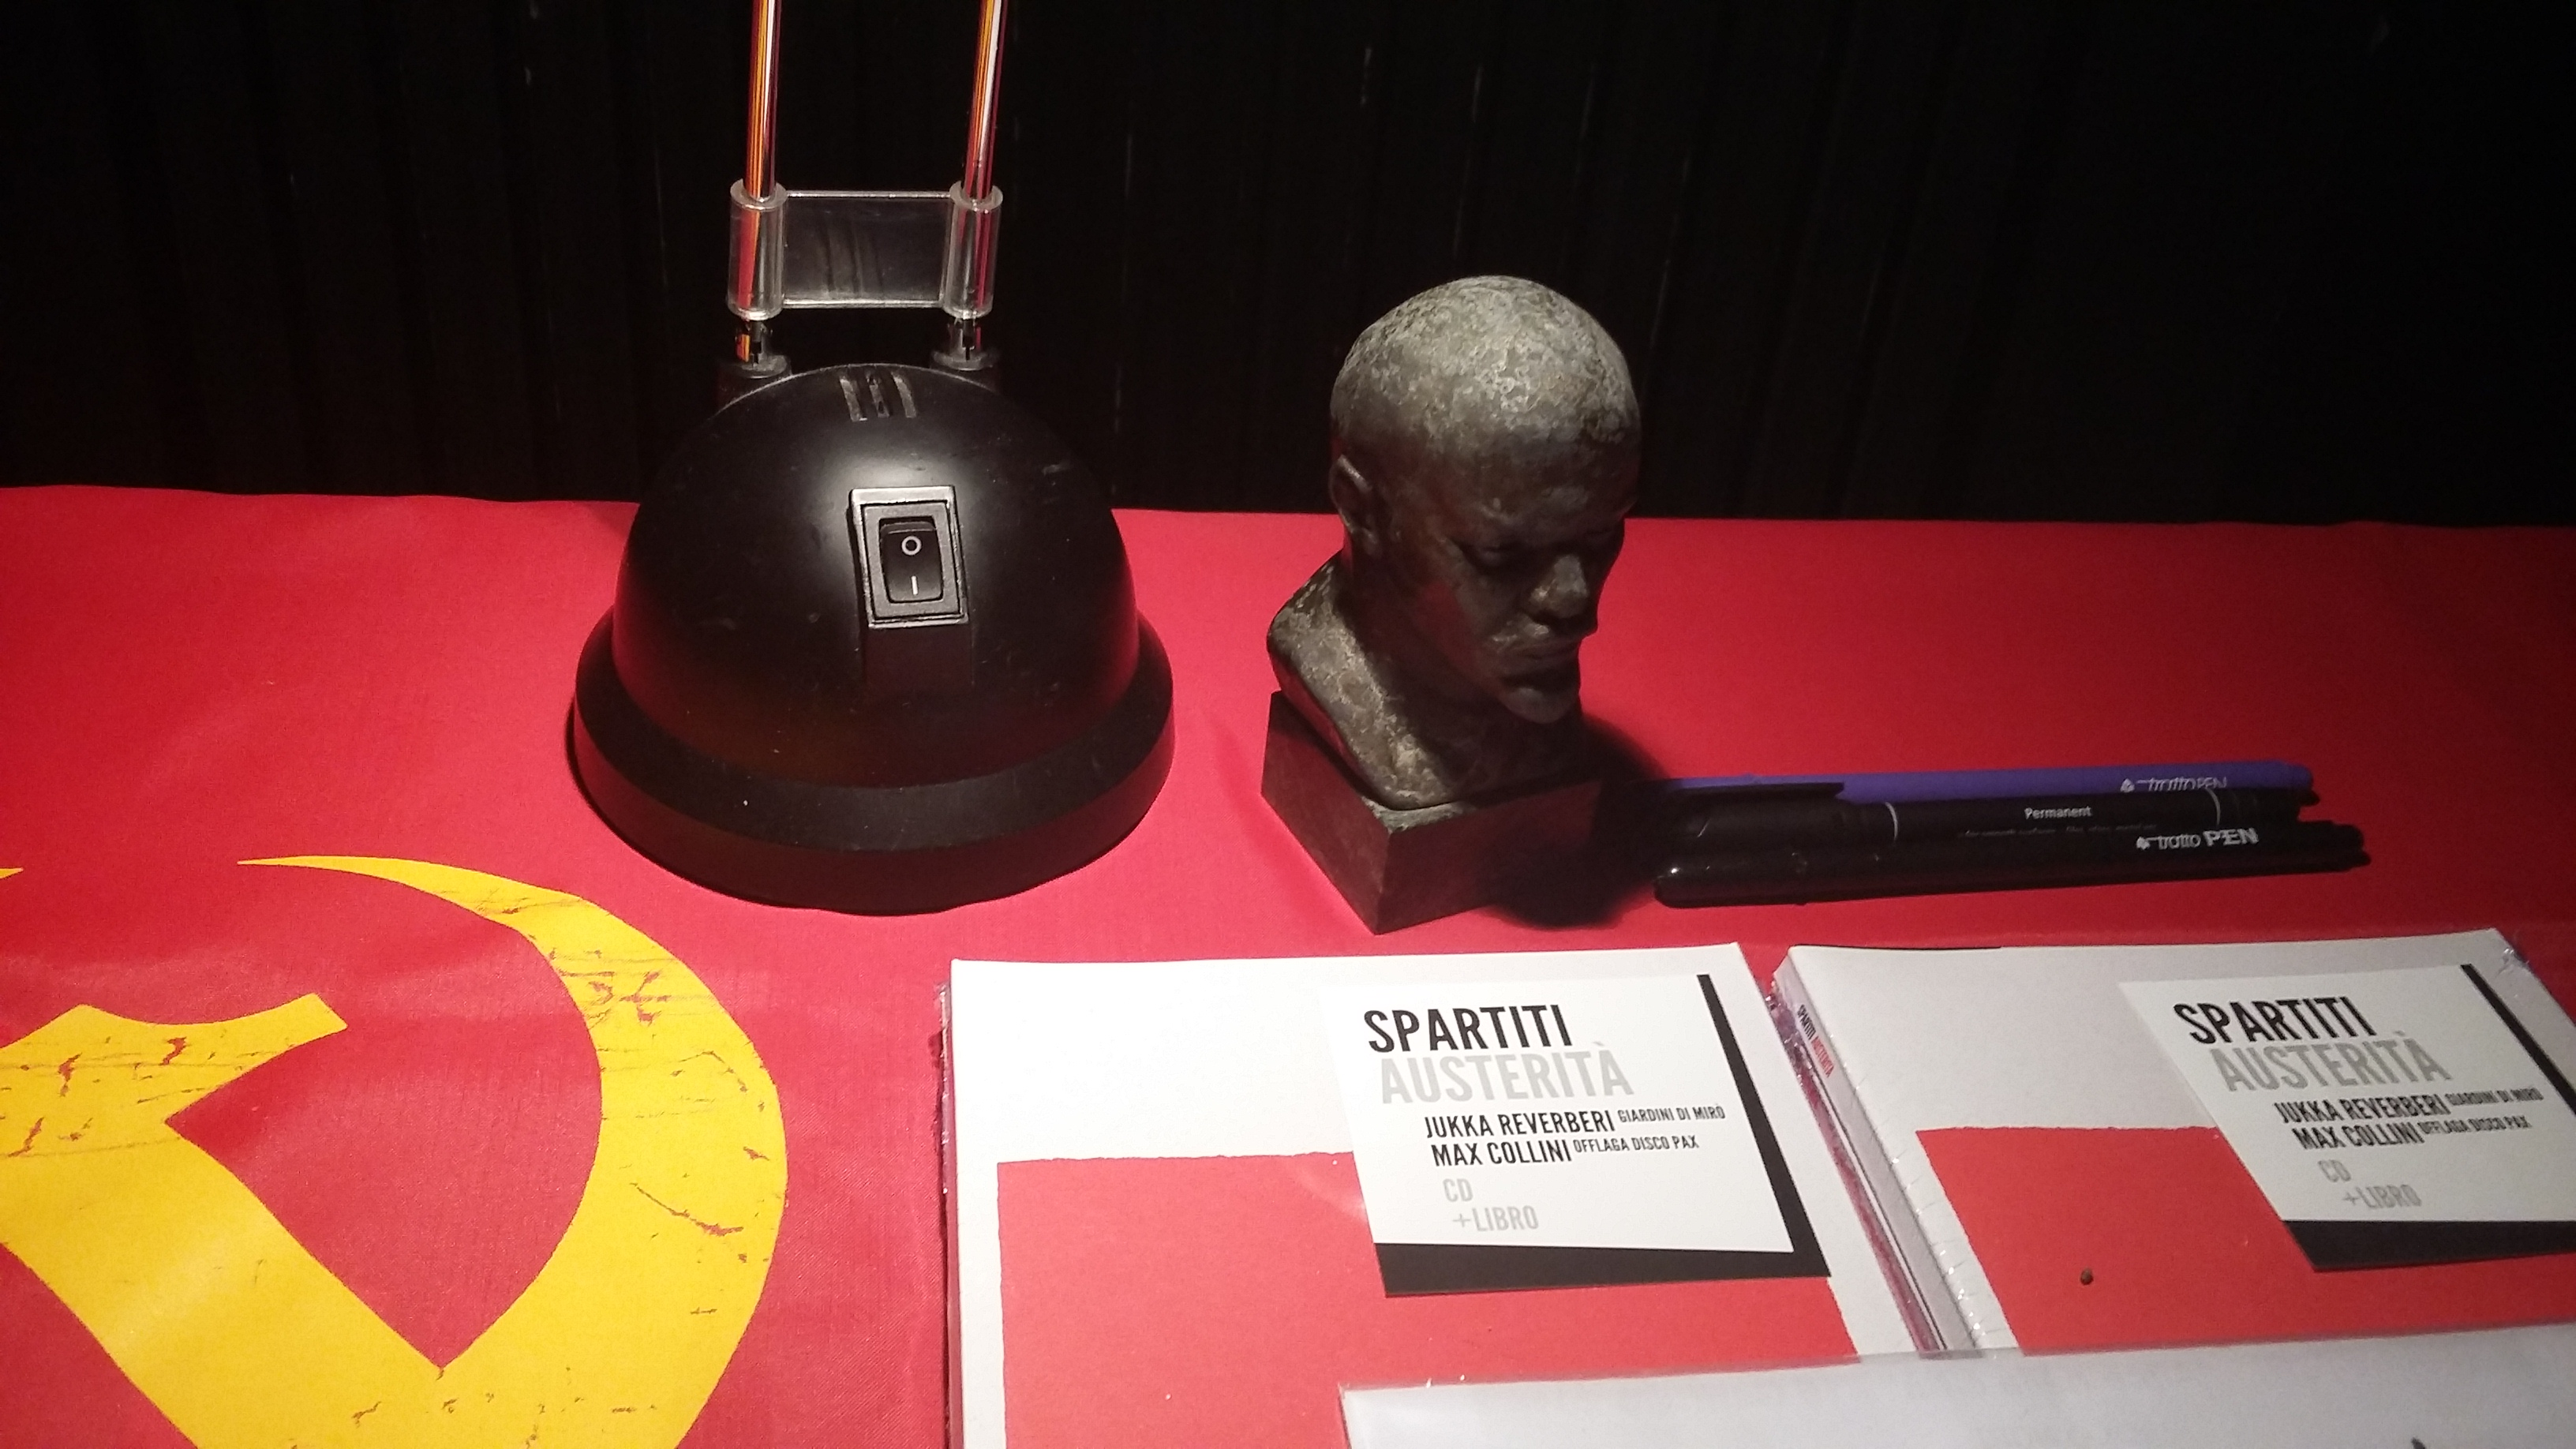 Spartiti (Merchandising)